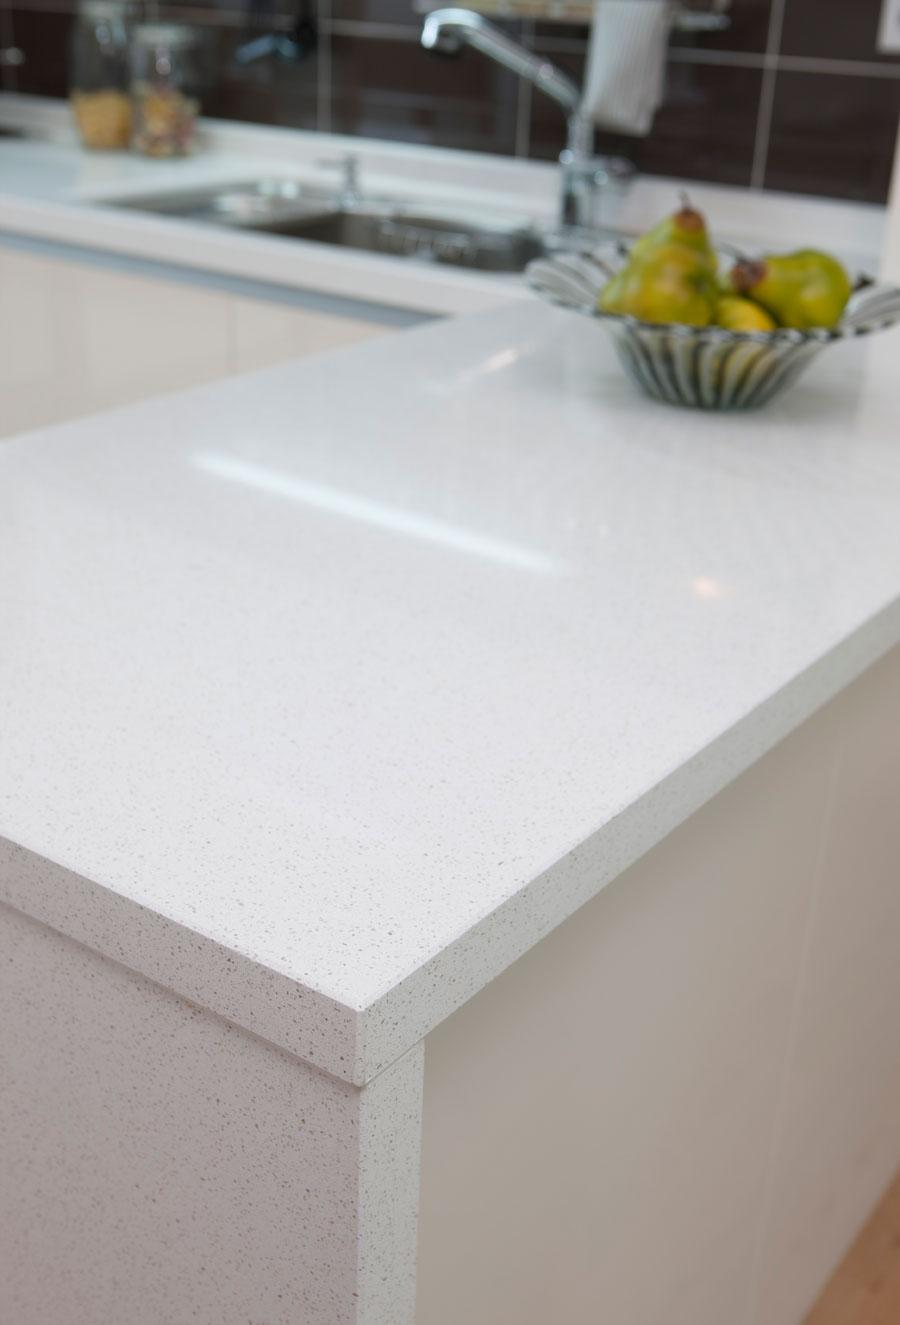 Benyeequartz stone white quartz price chinese supplier for Quartz slab size